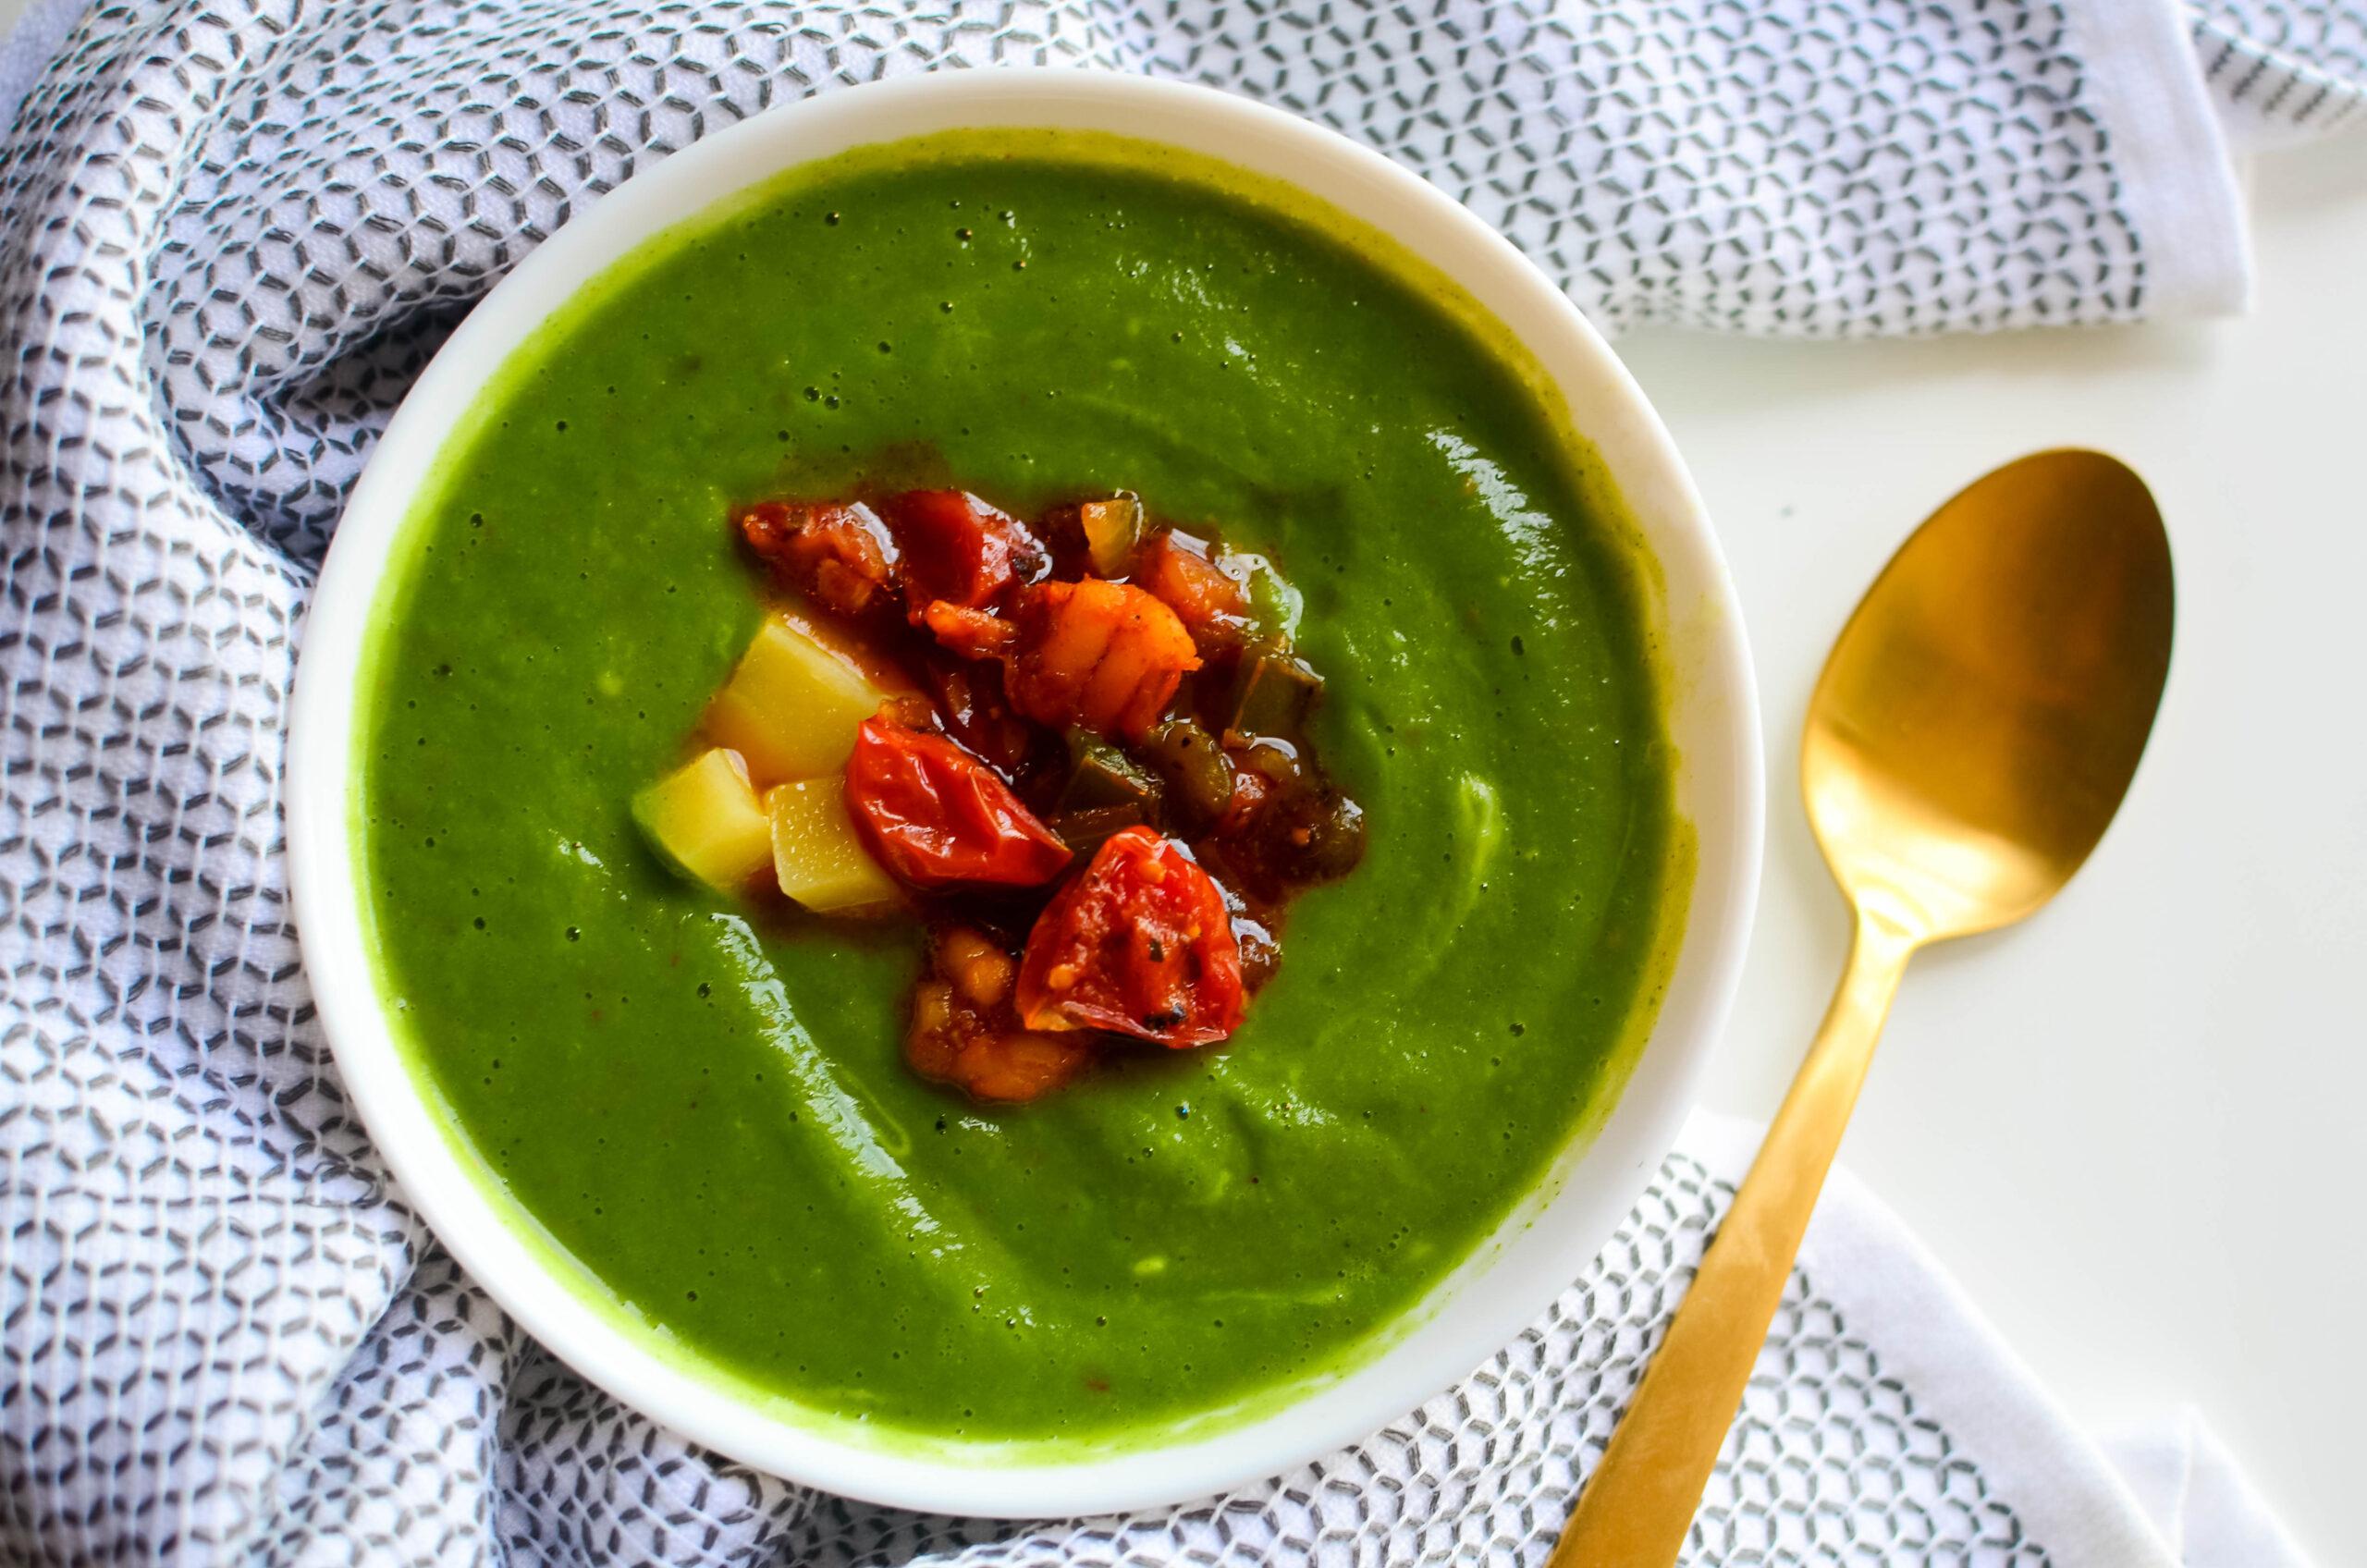 A delicious bowl of broccoi soup with a shrimp confit